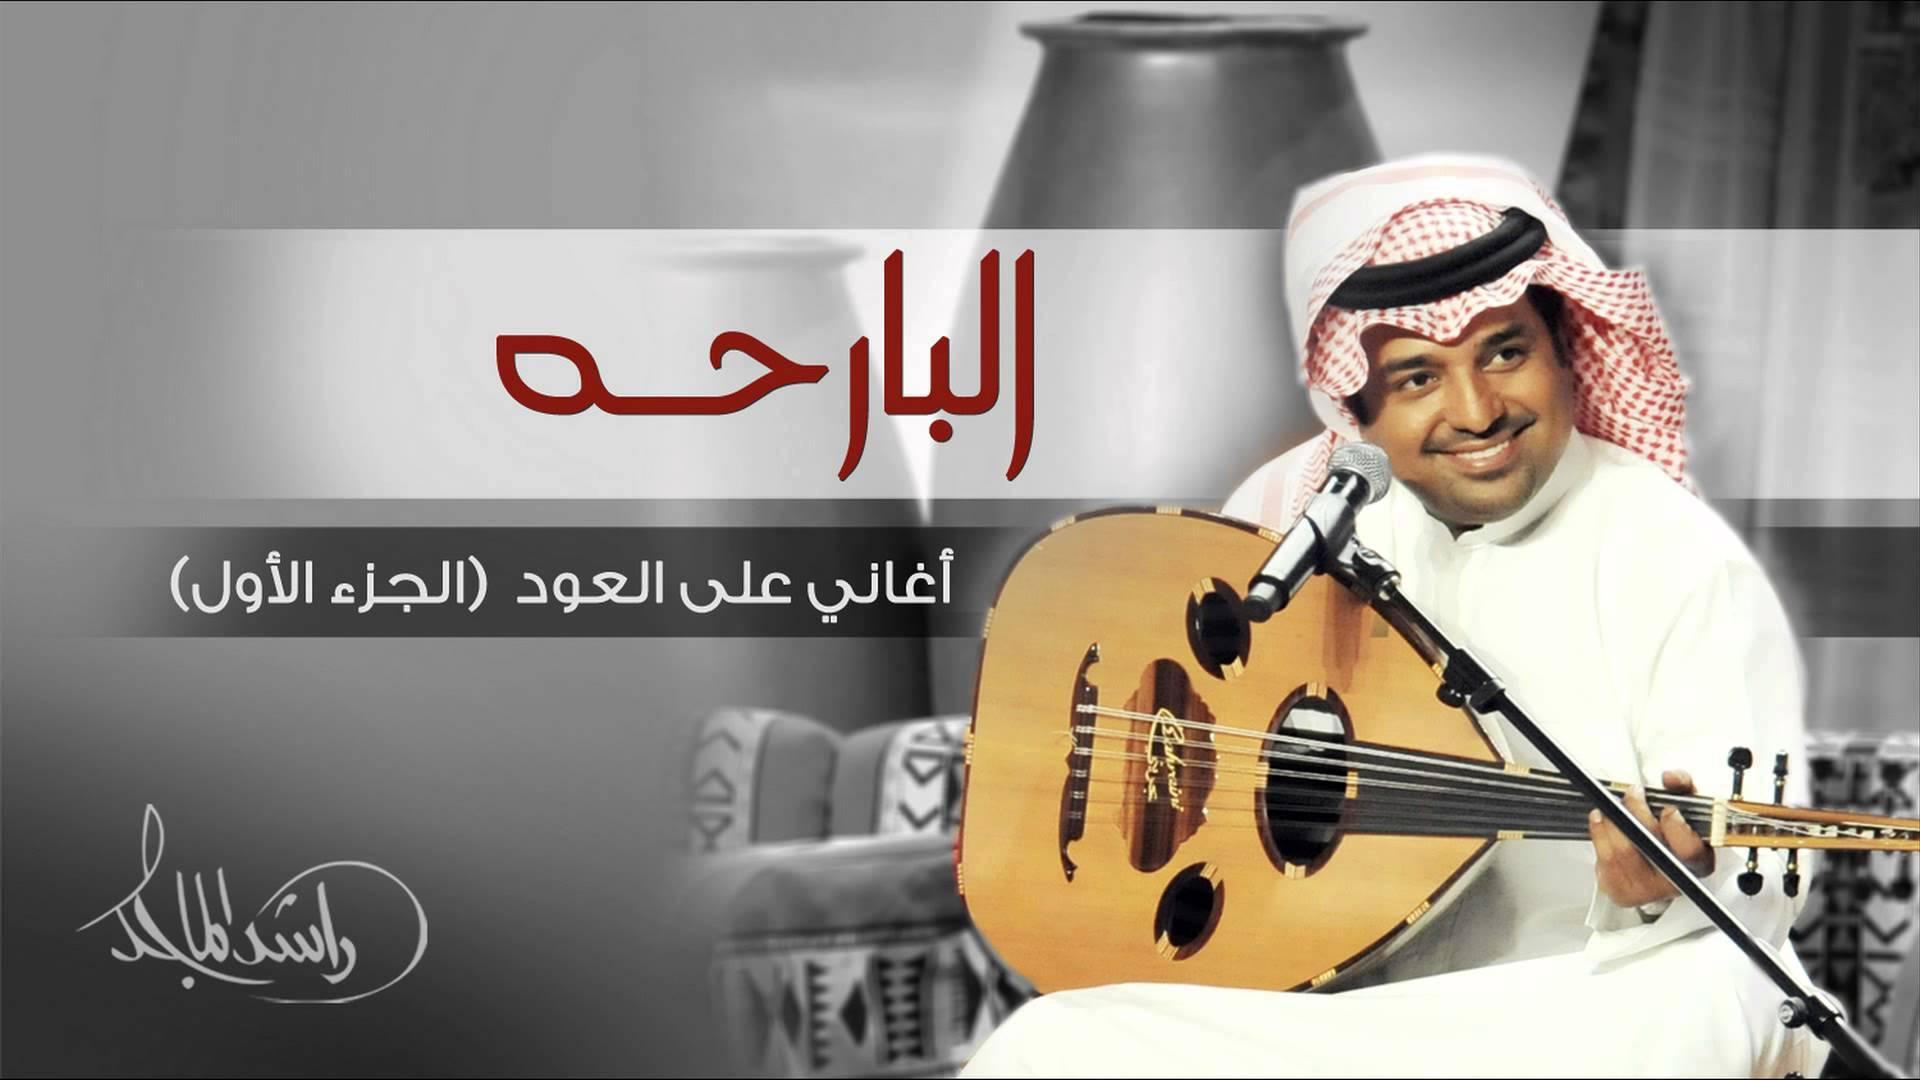 يوتيوب تحميل اغنية البارحه راشد الماجد 2015 Mp3